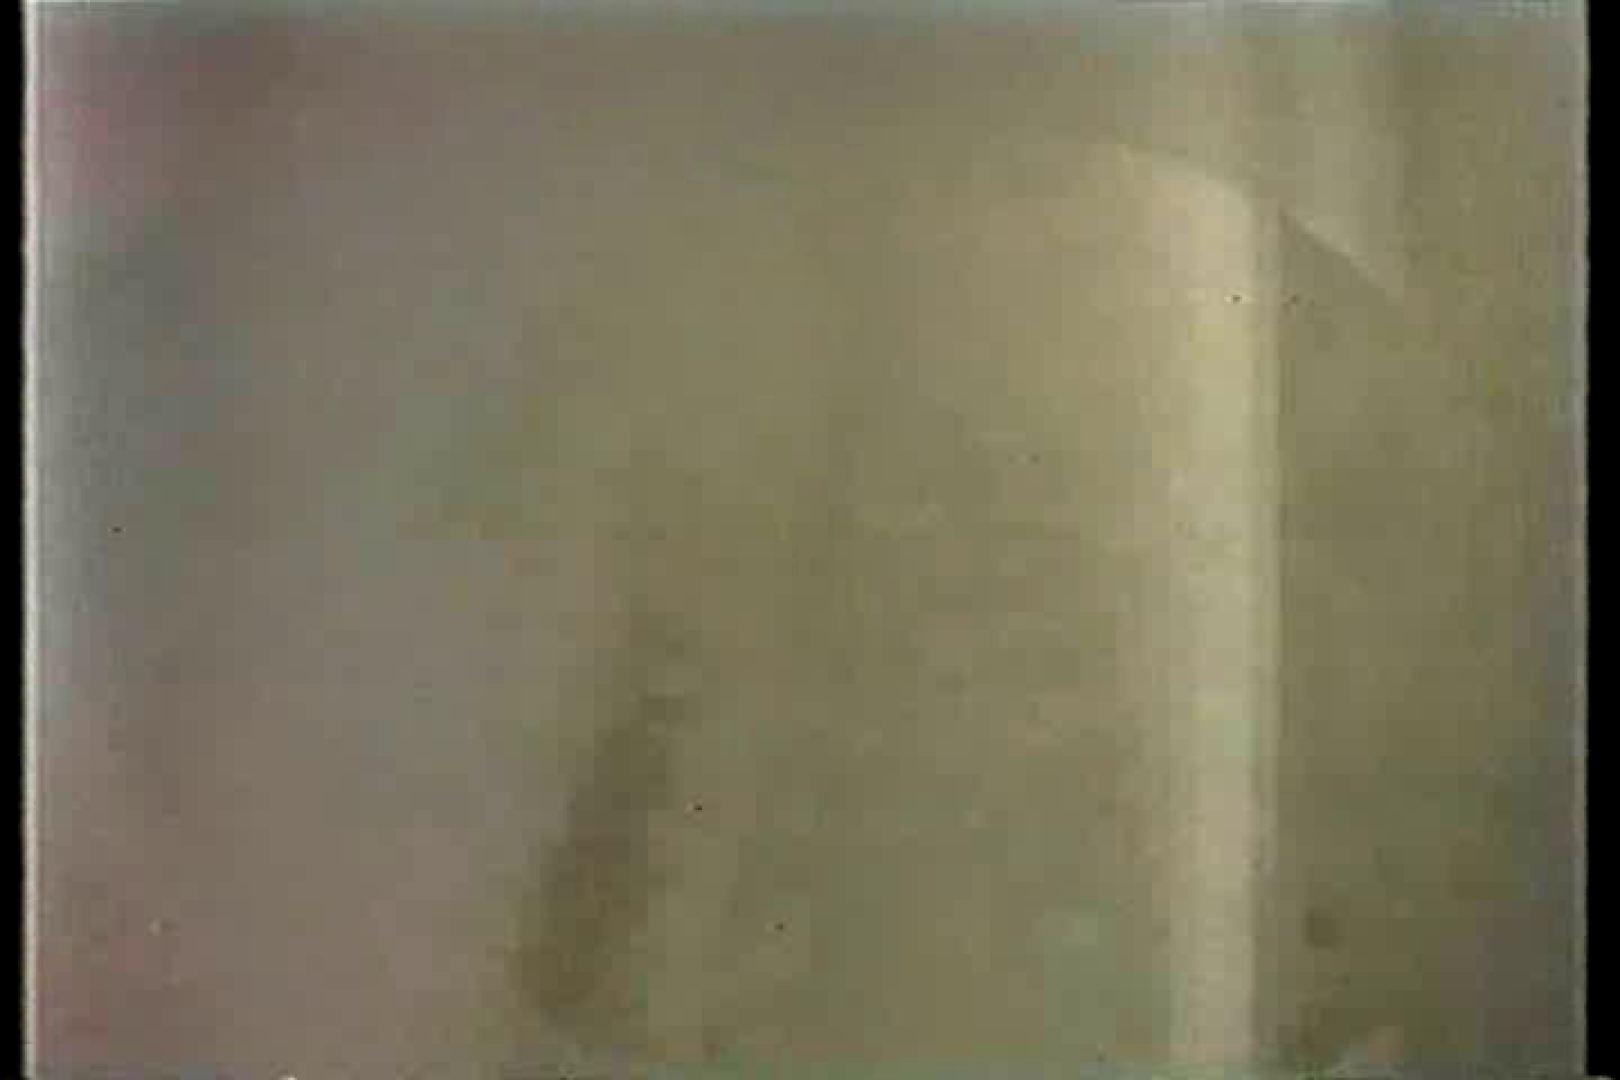 深夜の撮影会Vol.6 OLヌード天国 盗撮動画紹介 109PIX 27